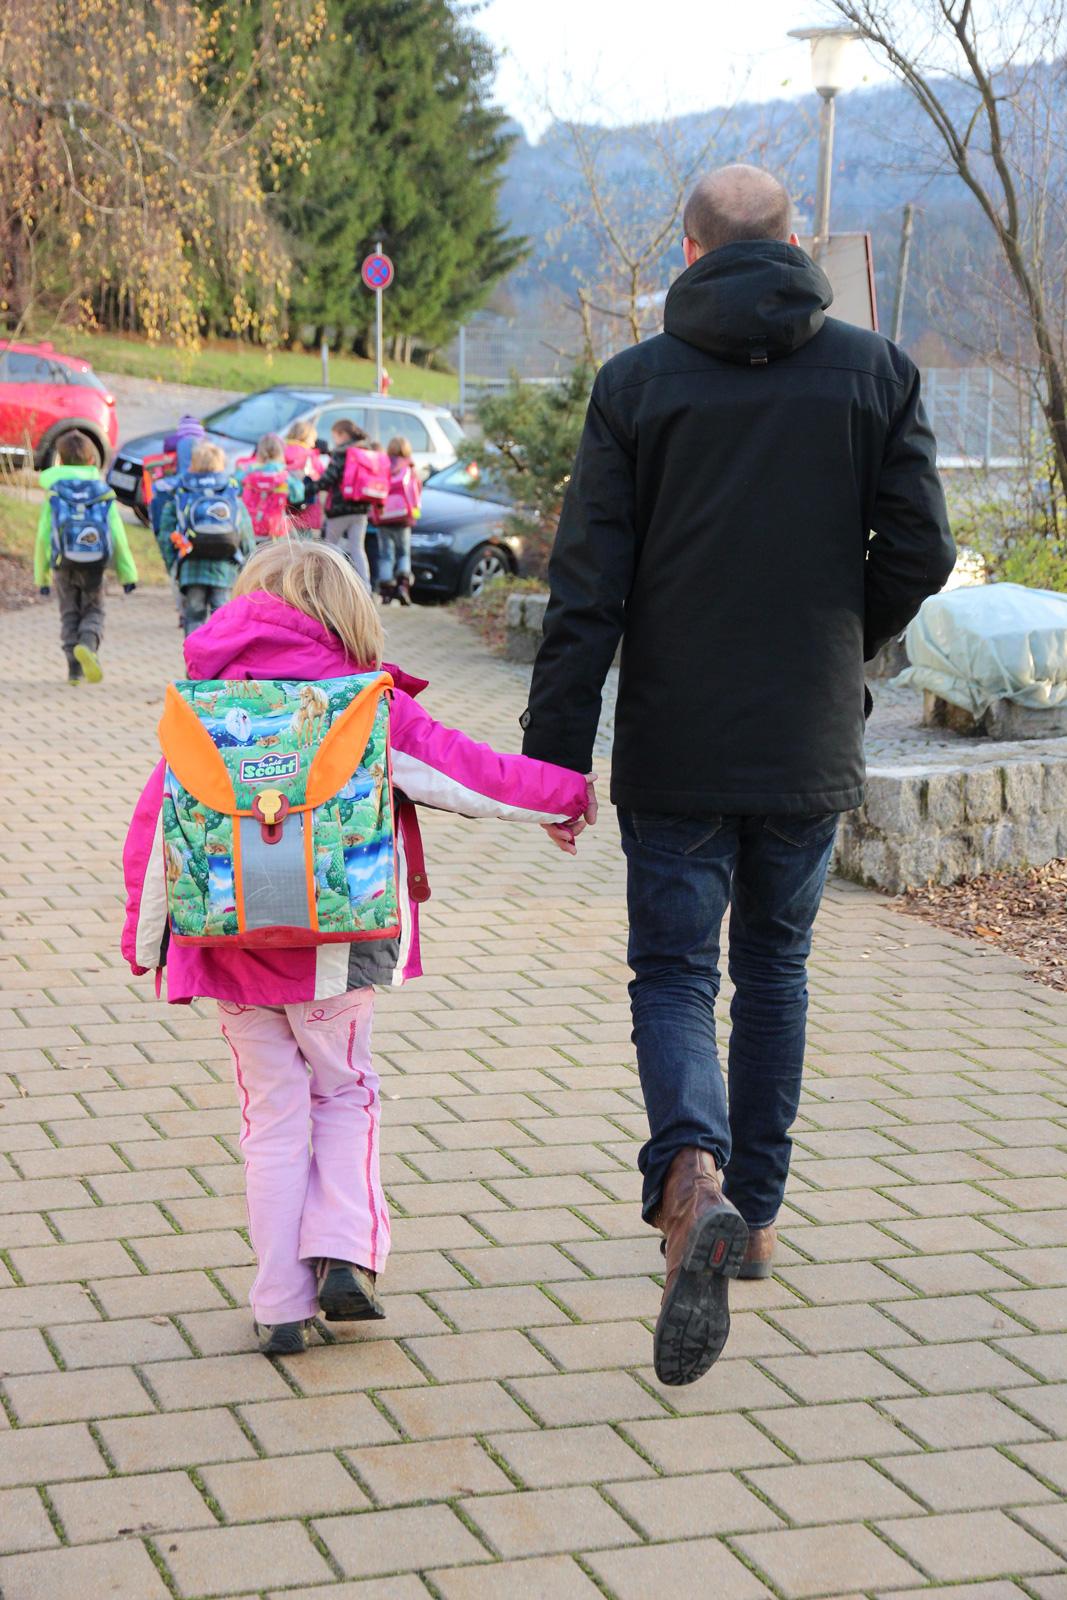 Begleitet inhaltlich, hält Kontakt und fördert das Schulkind: Schulstarthelfer Philip Minkenberg